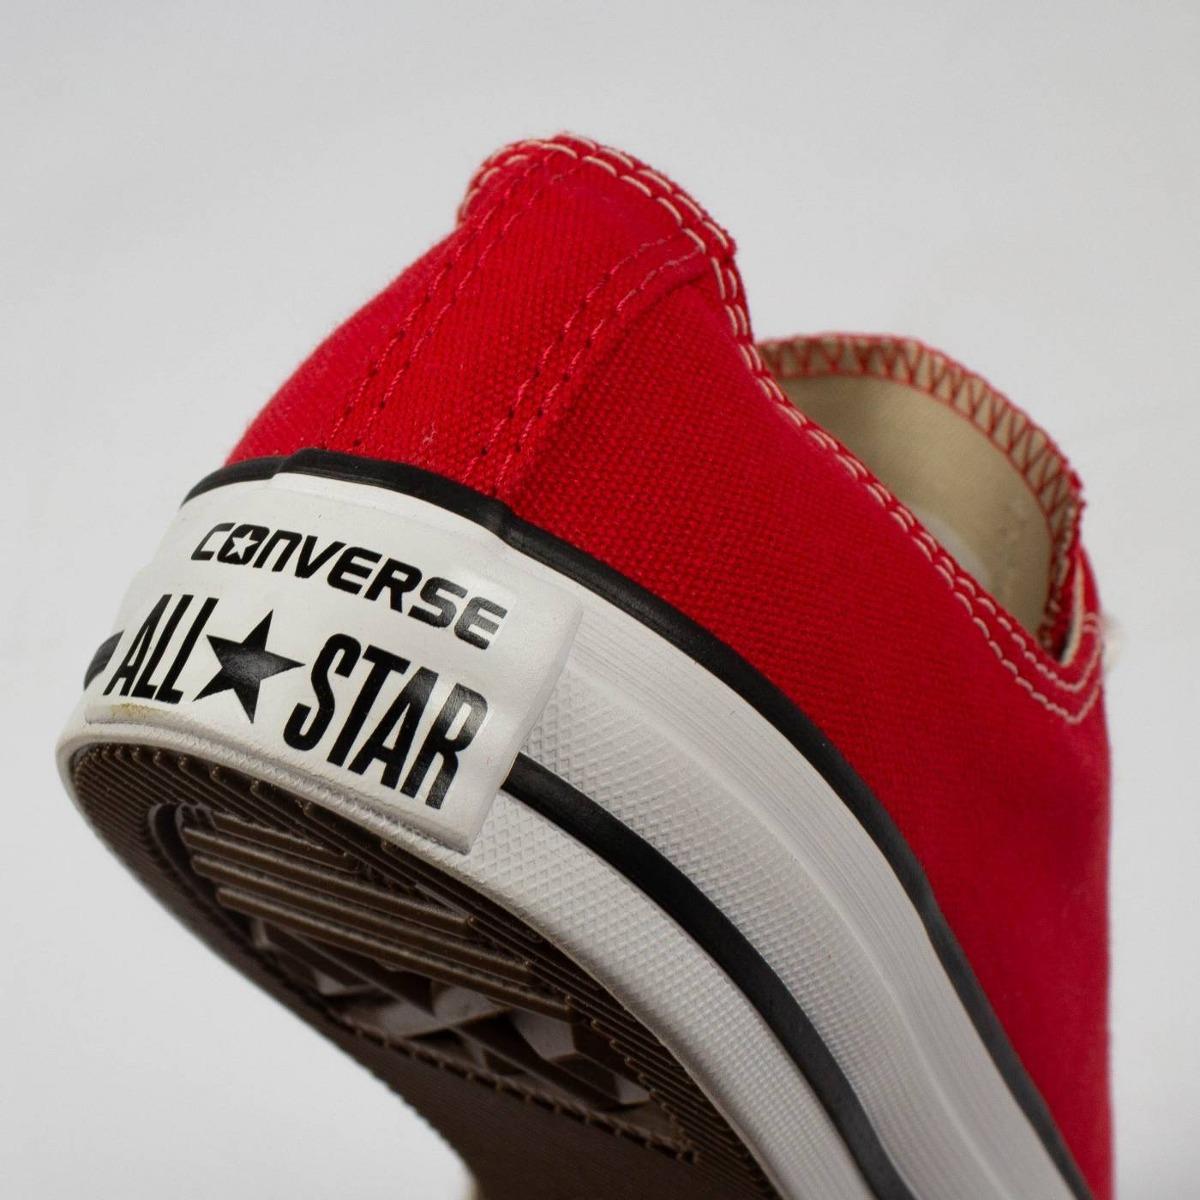 ace1124933d tênis converse all star chuck taylor vermelho original novo. Carregando zoom .